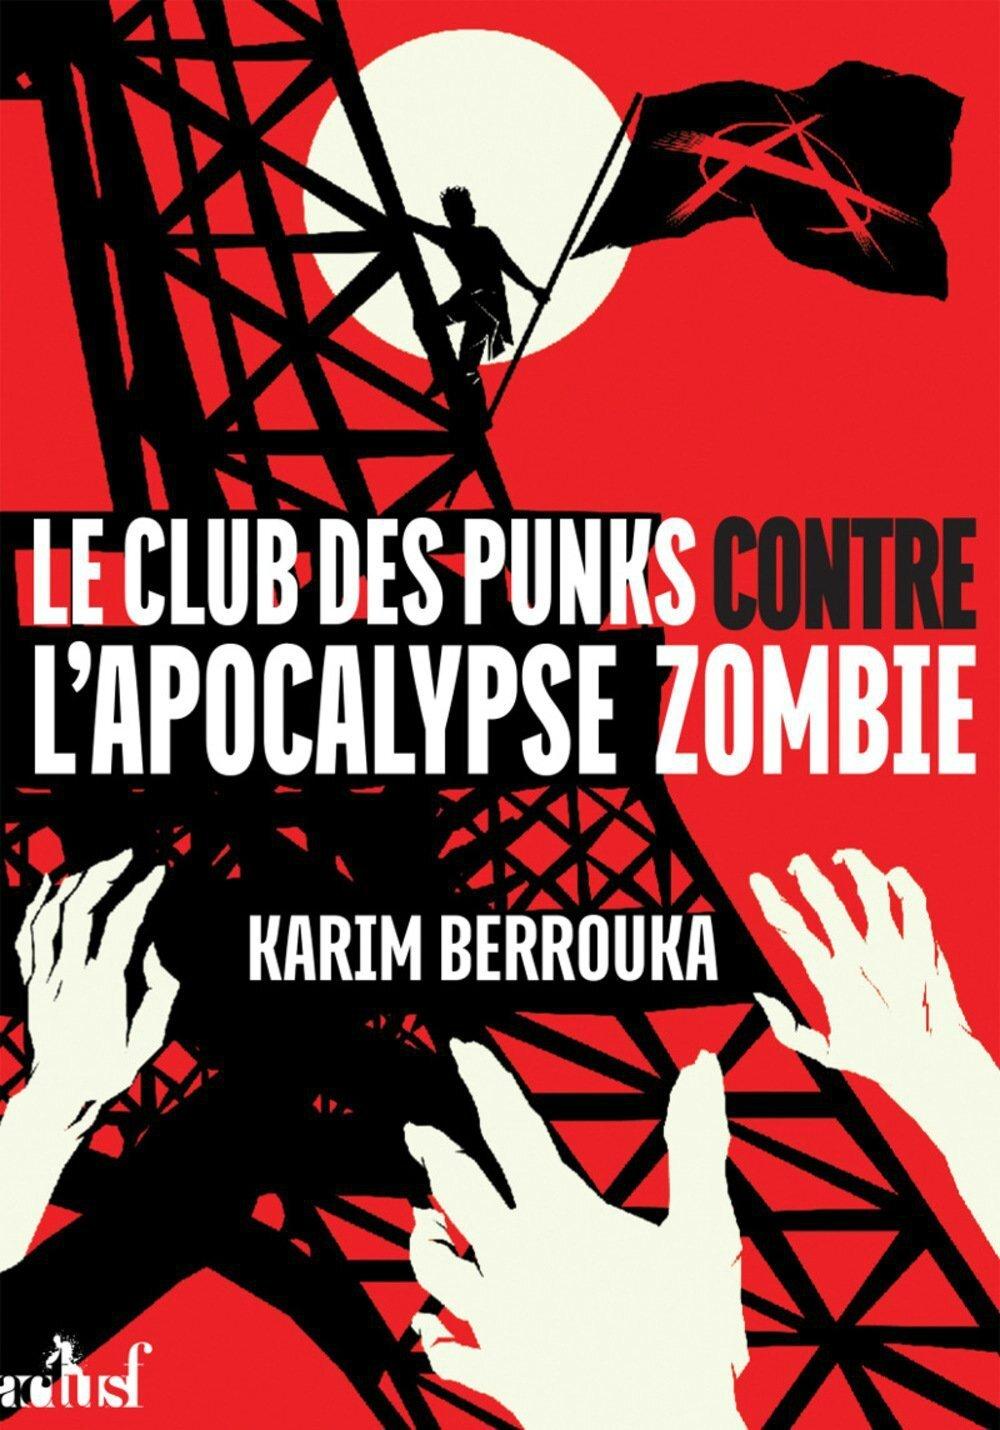 Le club des punks contre l'apocalypse zombie - Karim Berrouka